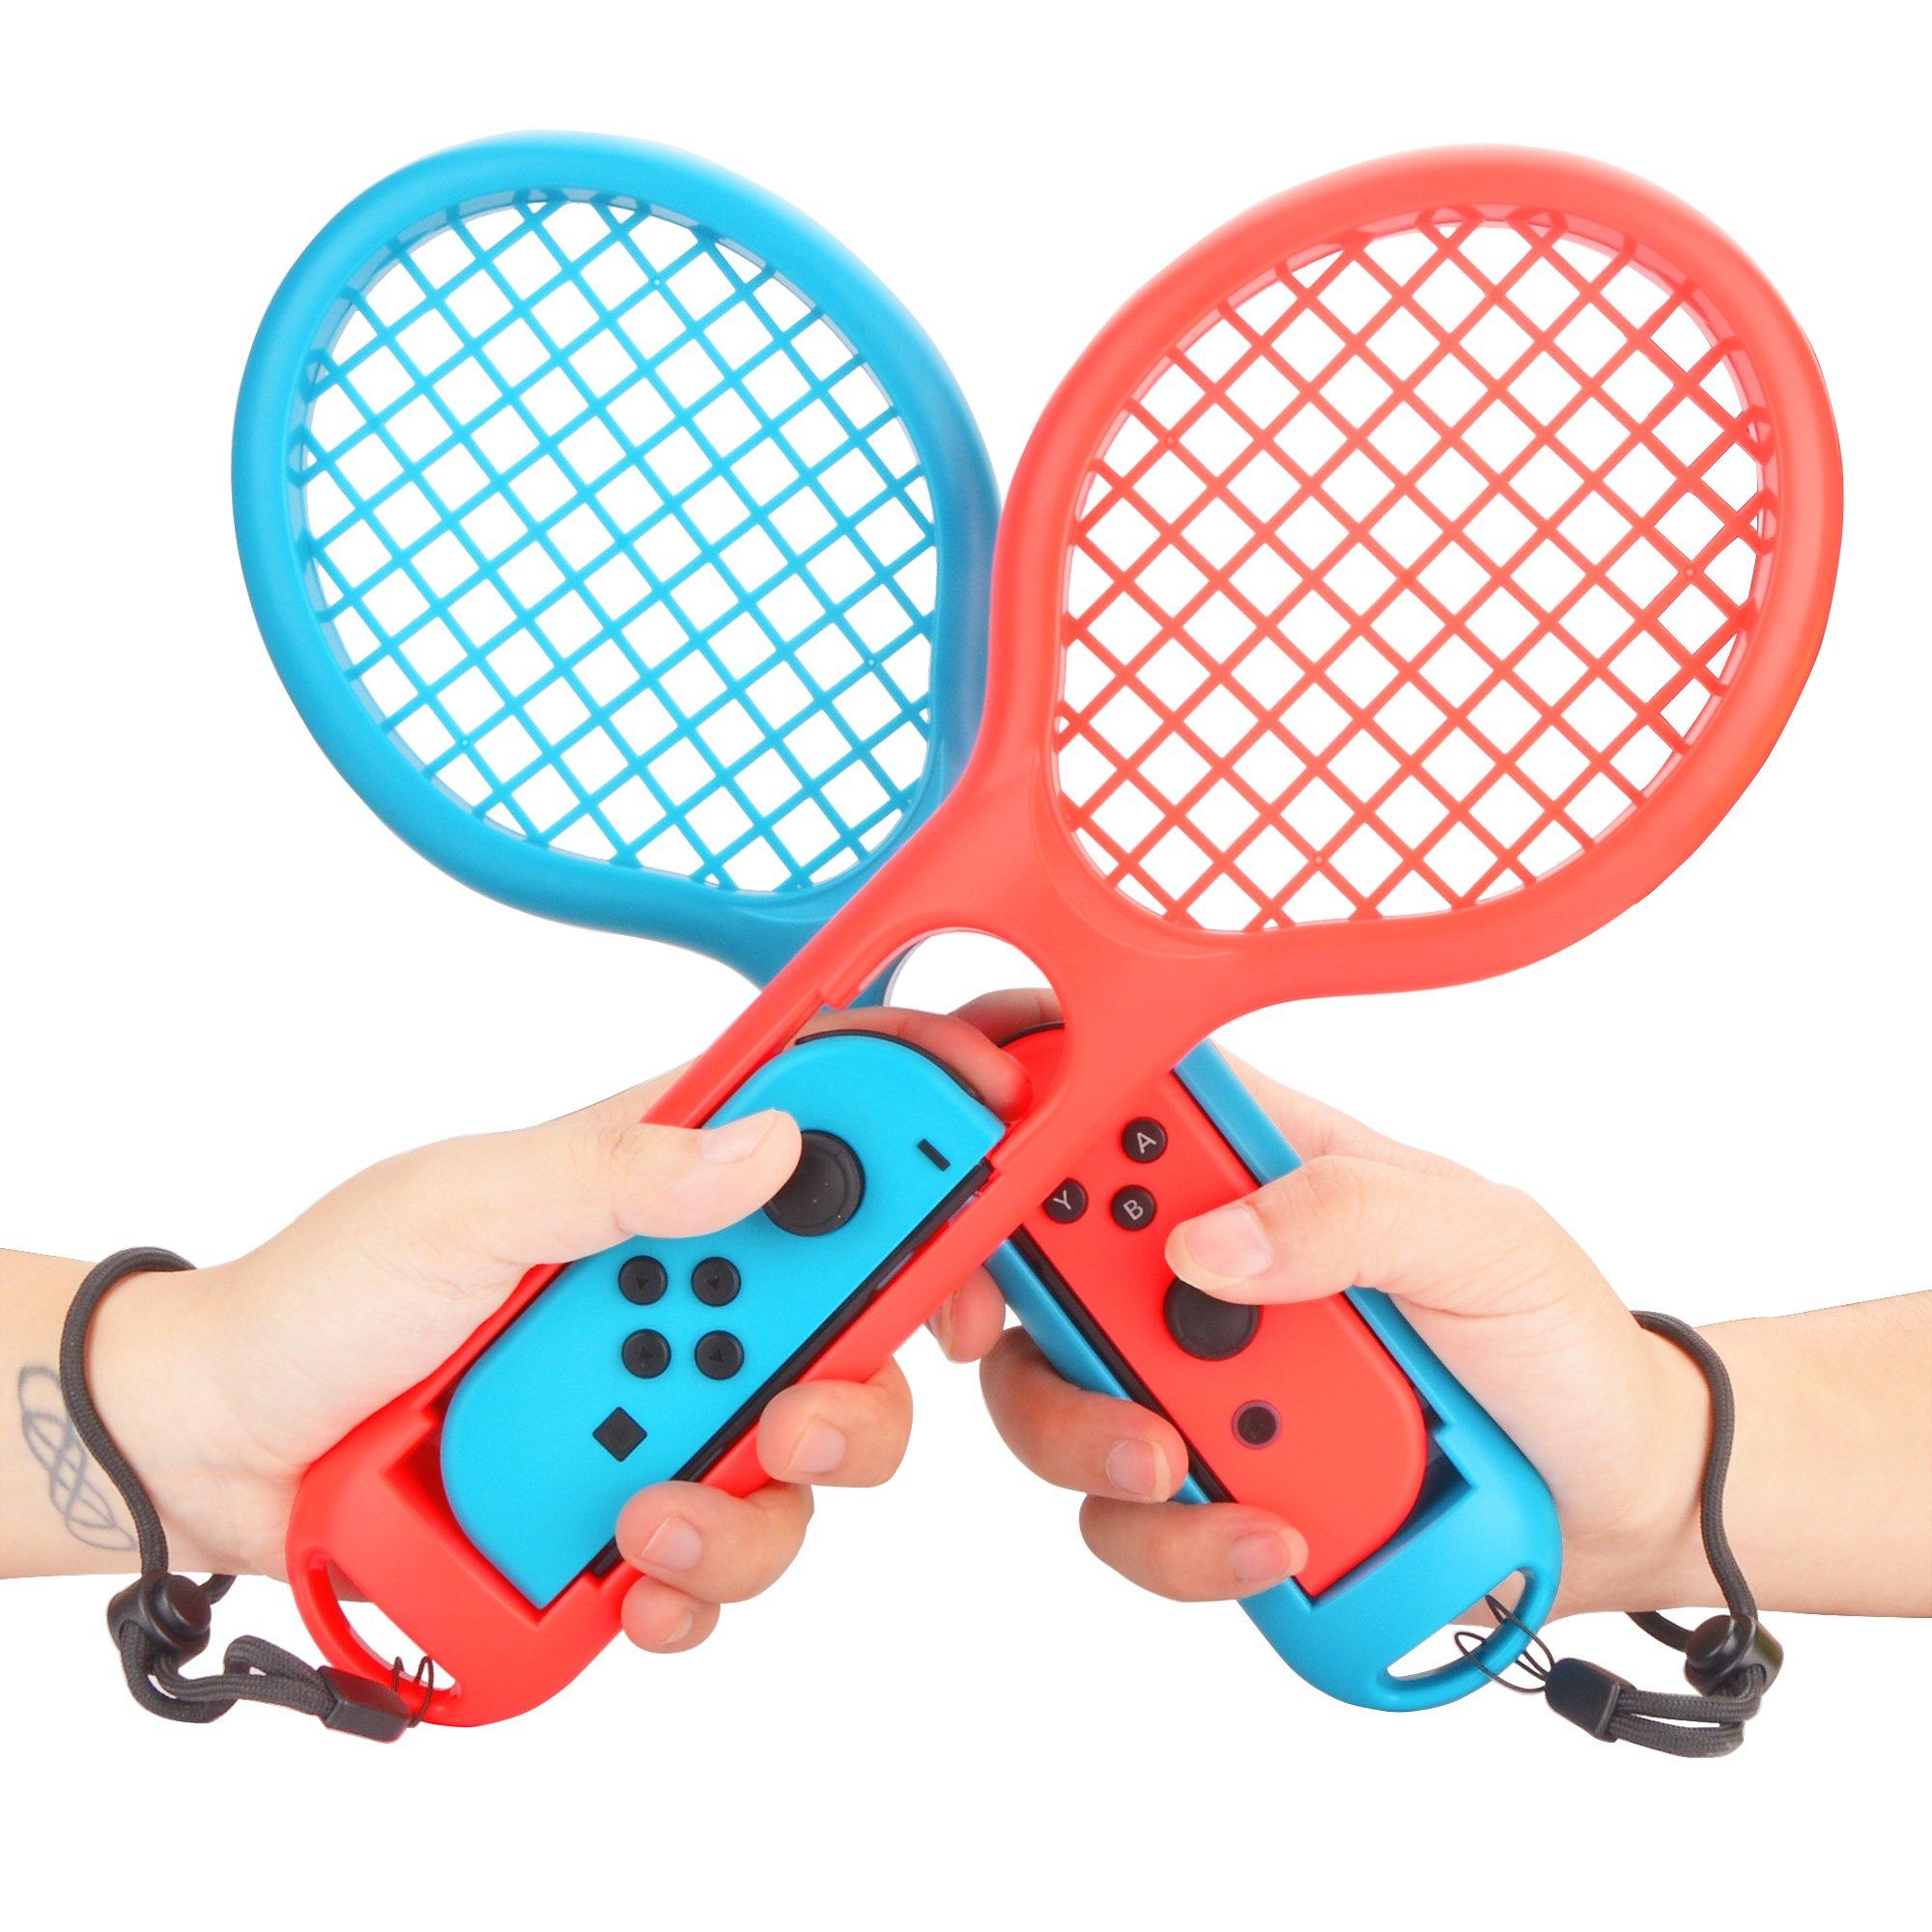 Raqueta de Tenis para Nintendo Switch - Raquetas de Tenis para Mandos Joy-con de Nintendo Switch Mario Tennis Aces Juego (1 Azul y 1 Roja): Amazon.es: Videojuegos